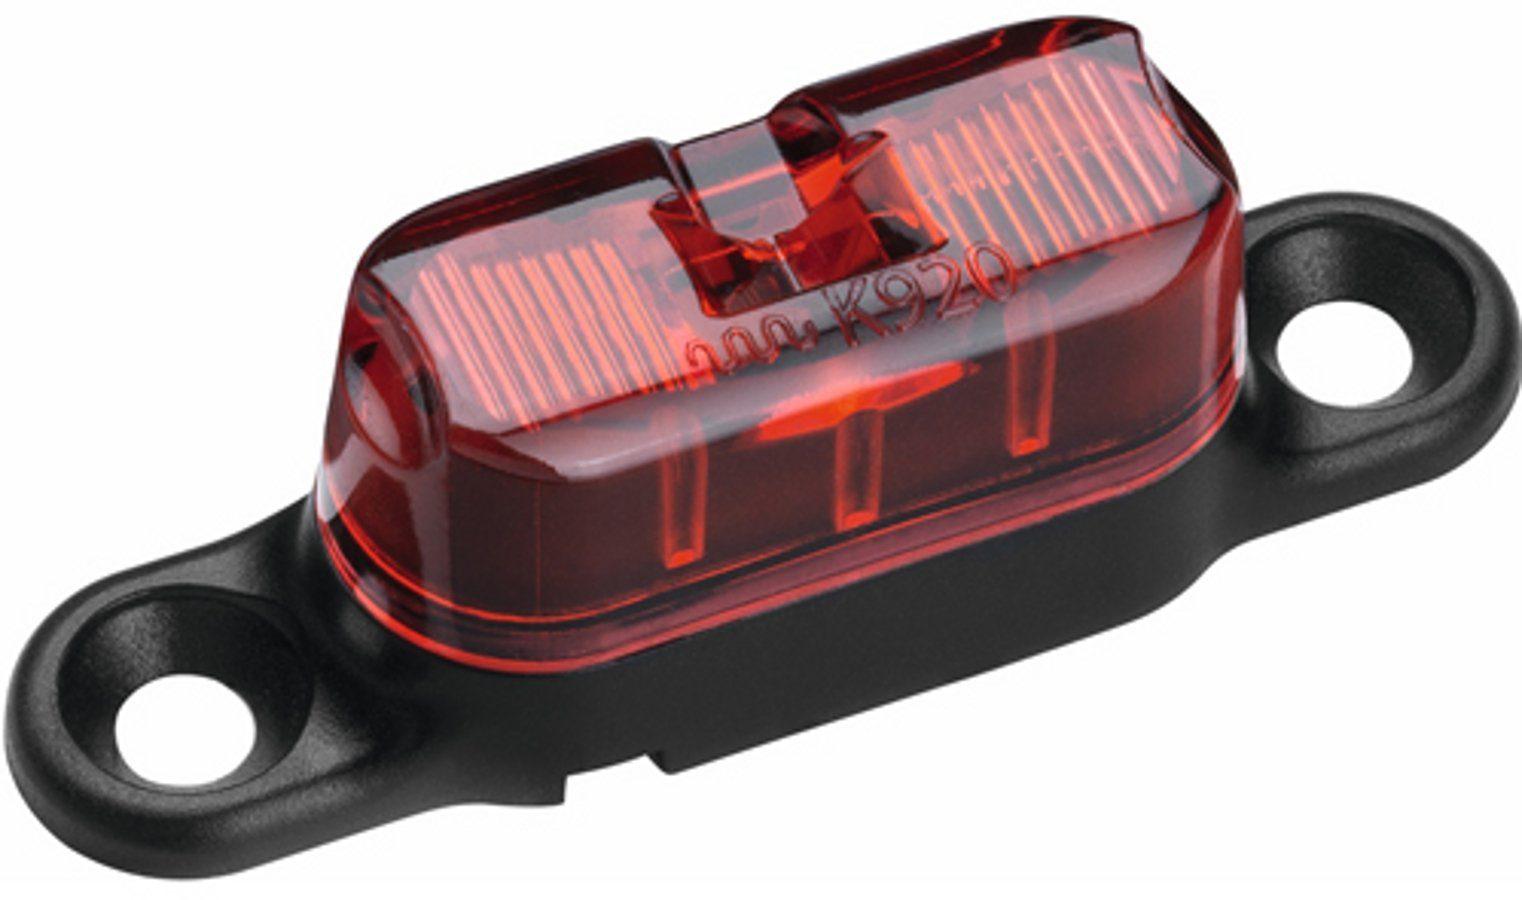 Busch + Müller Fahrradbeleuchtung »Toplight Line Small LED Rücklicht 50mm«